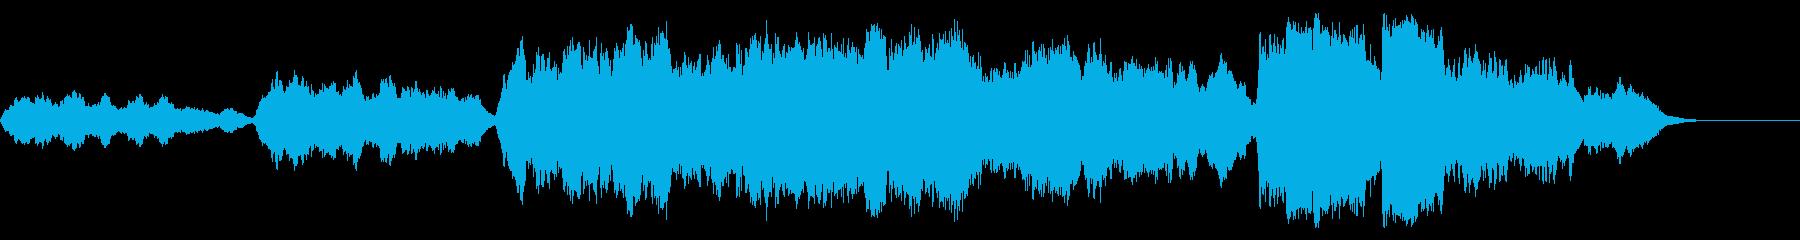 君が代/国歌【ソプラノ・オーケストラ】の再生済みの波形